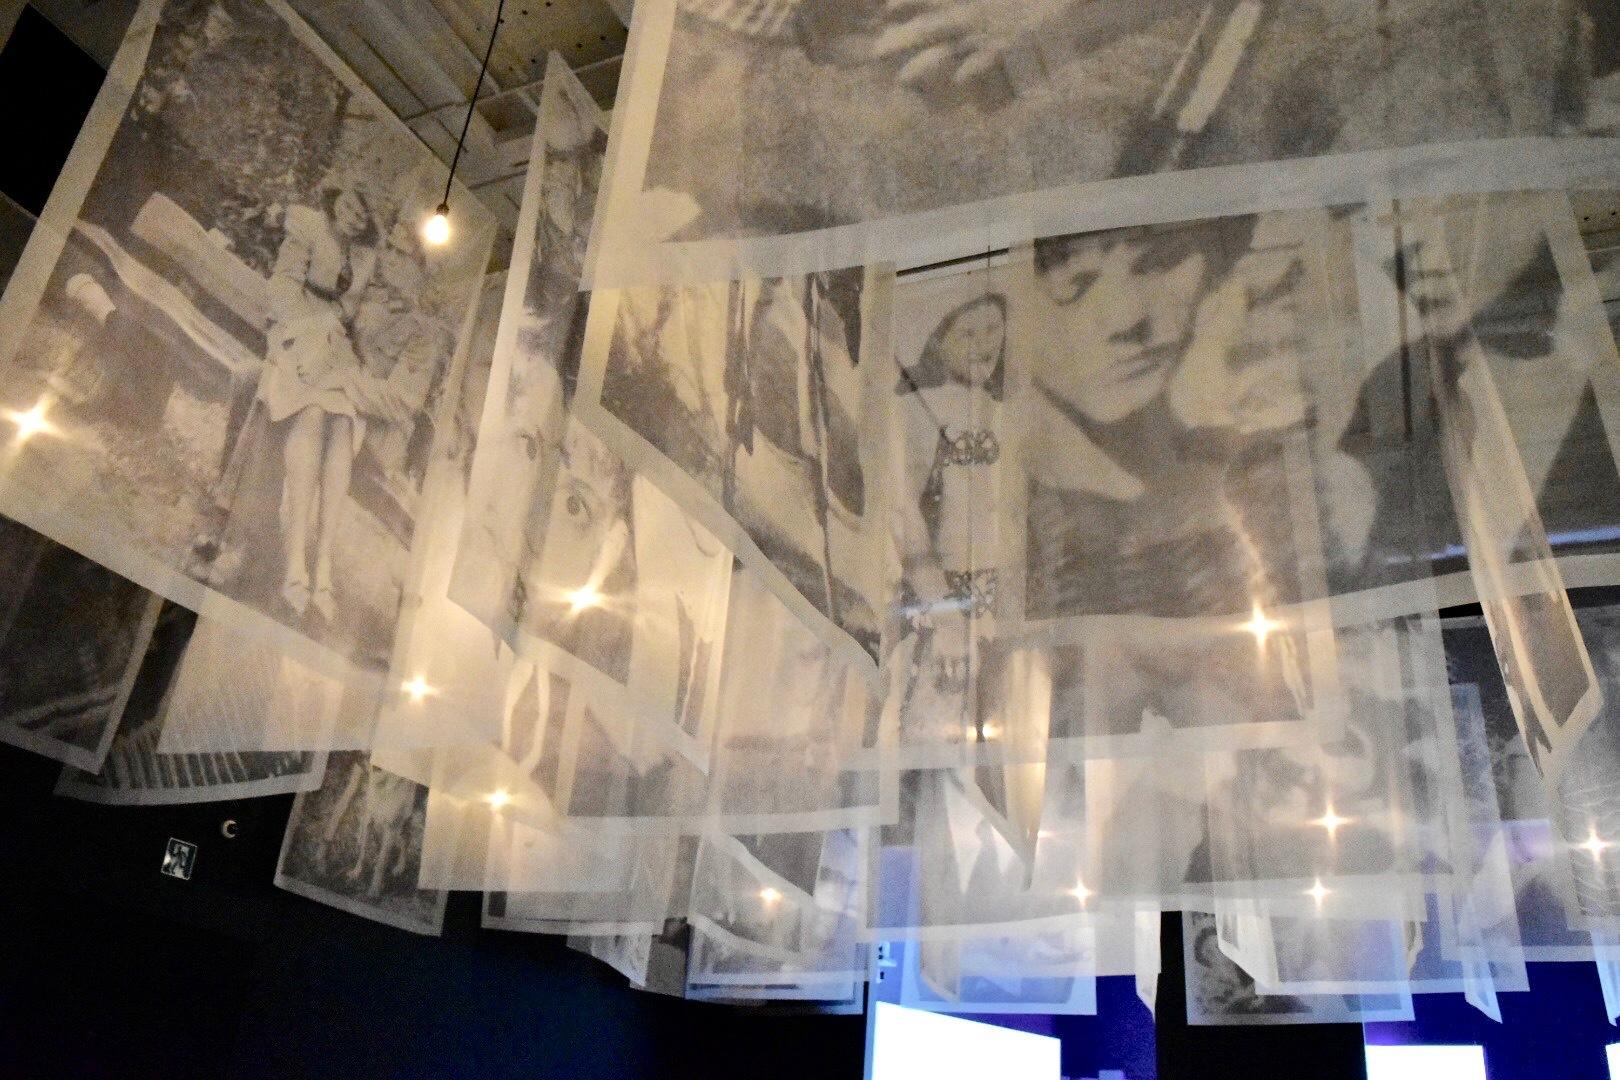 《スピリット》 2013年 「クリスチャン・ボルタンスキー −Lifetime」展 2019年 国立新美術館展示風景